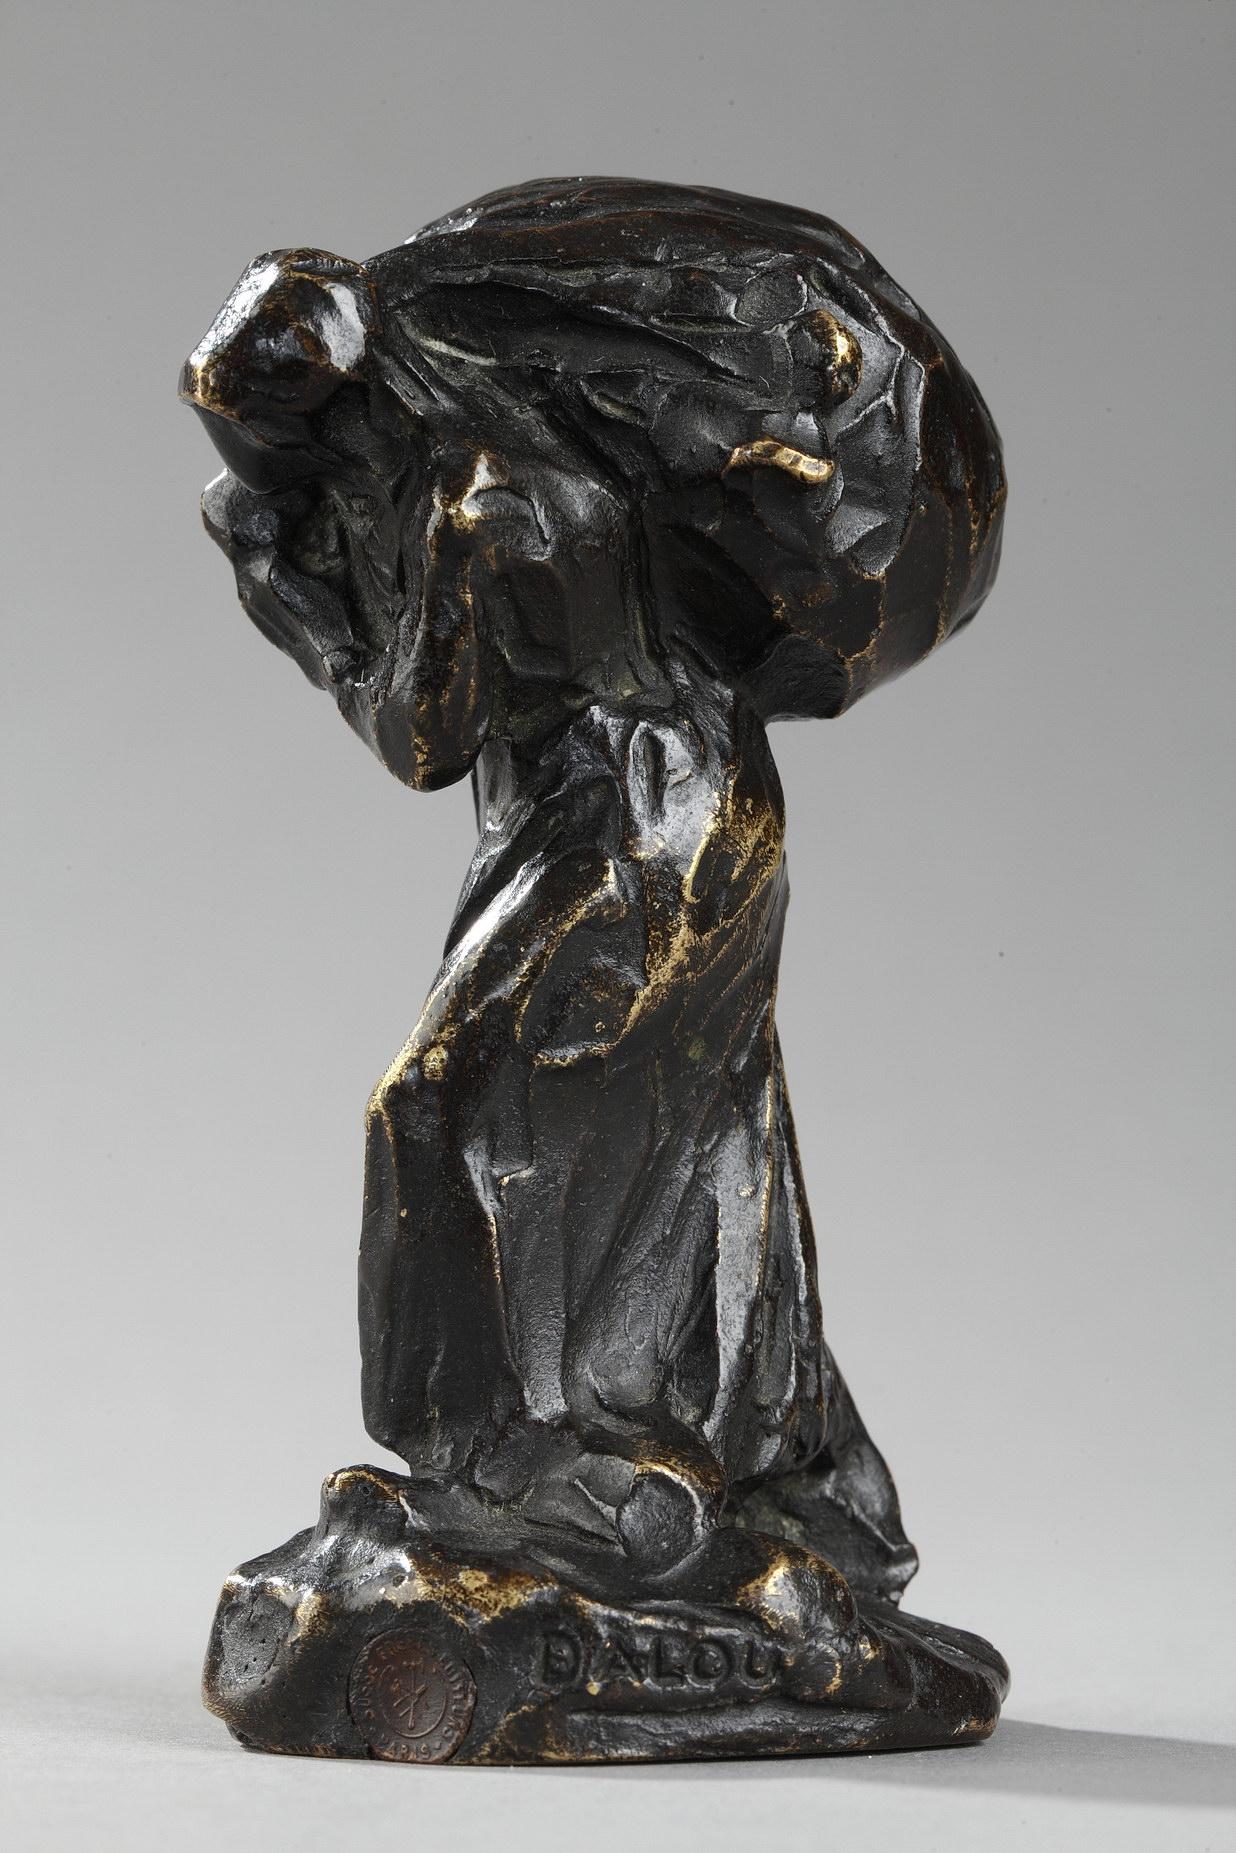 """Jules Dalou (1838-1902), """"Retour de l'herbe"""", bronze à patine brun très nuancé, fonte Susse, haut. 10 cm, sculptures - galerie Tourbillon, Paris"""